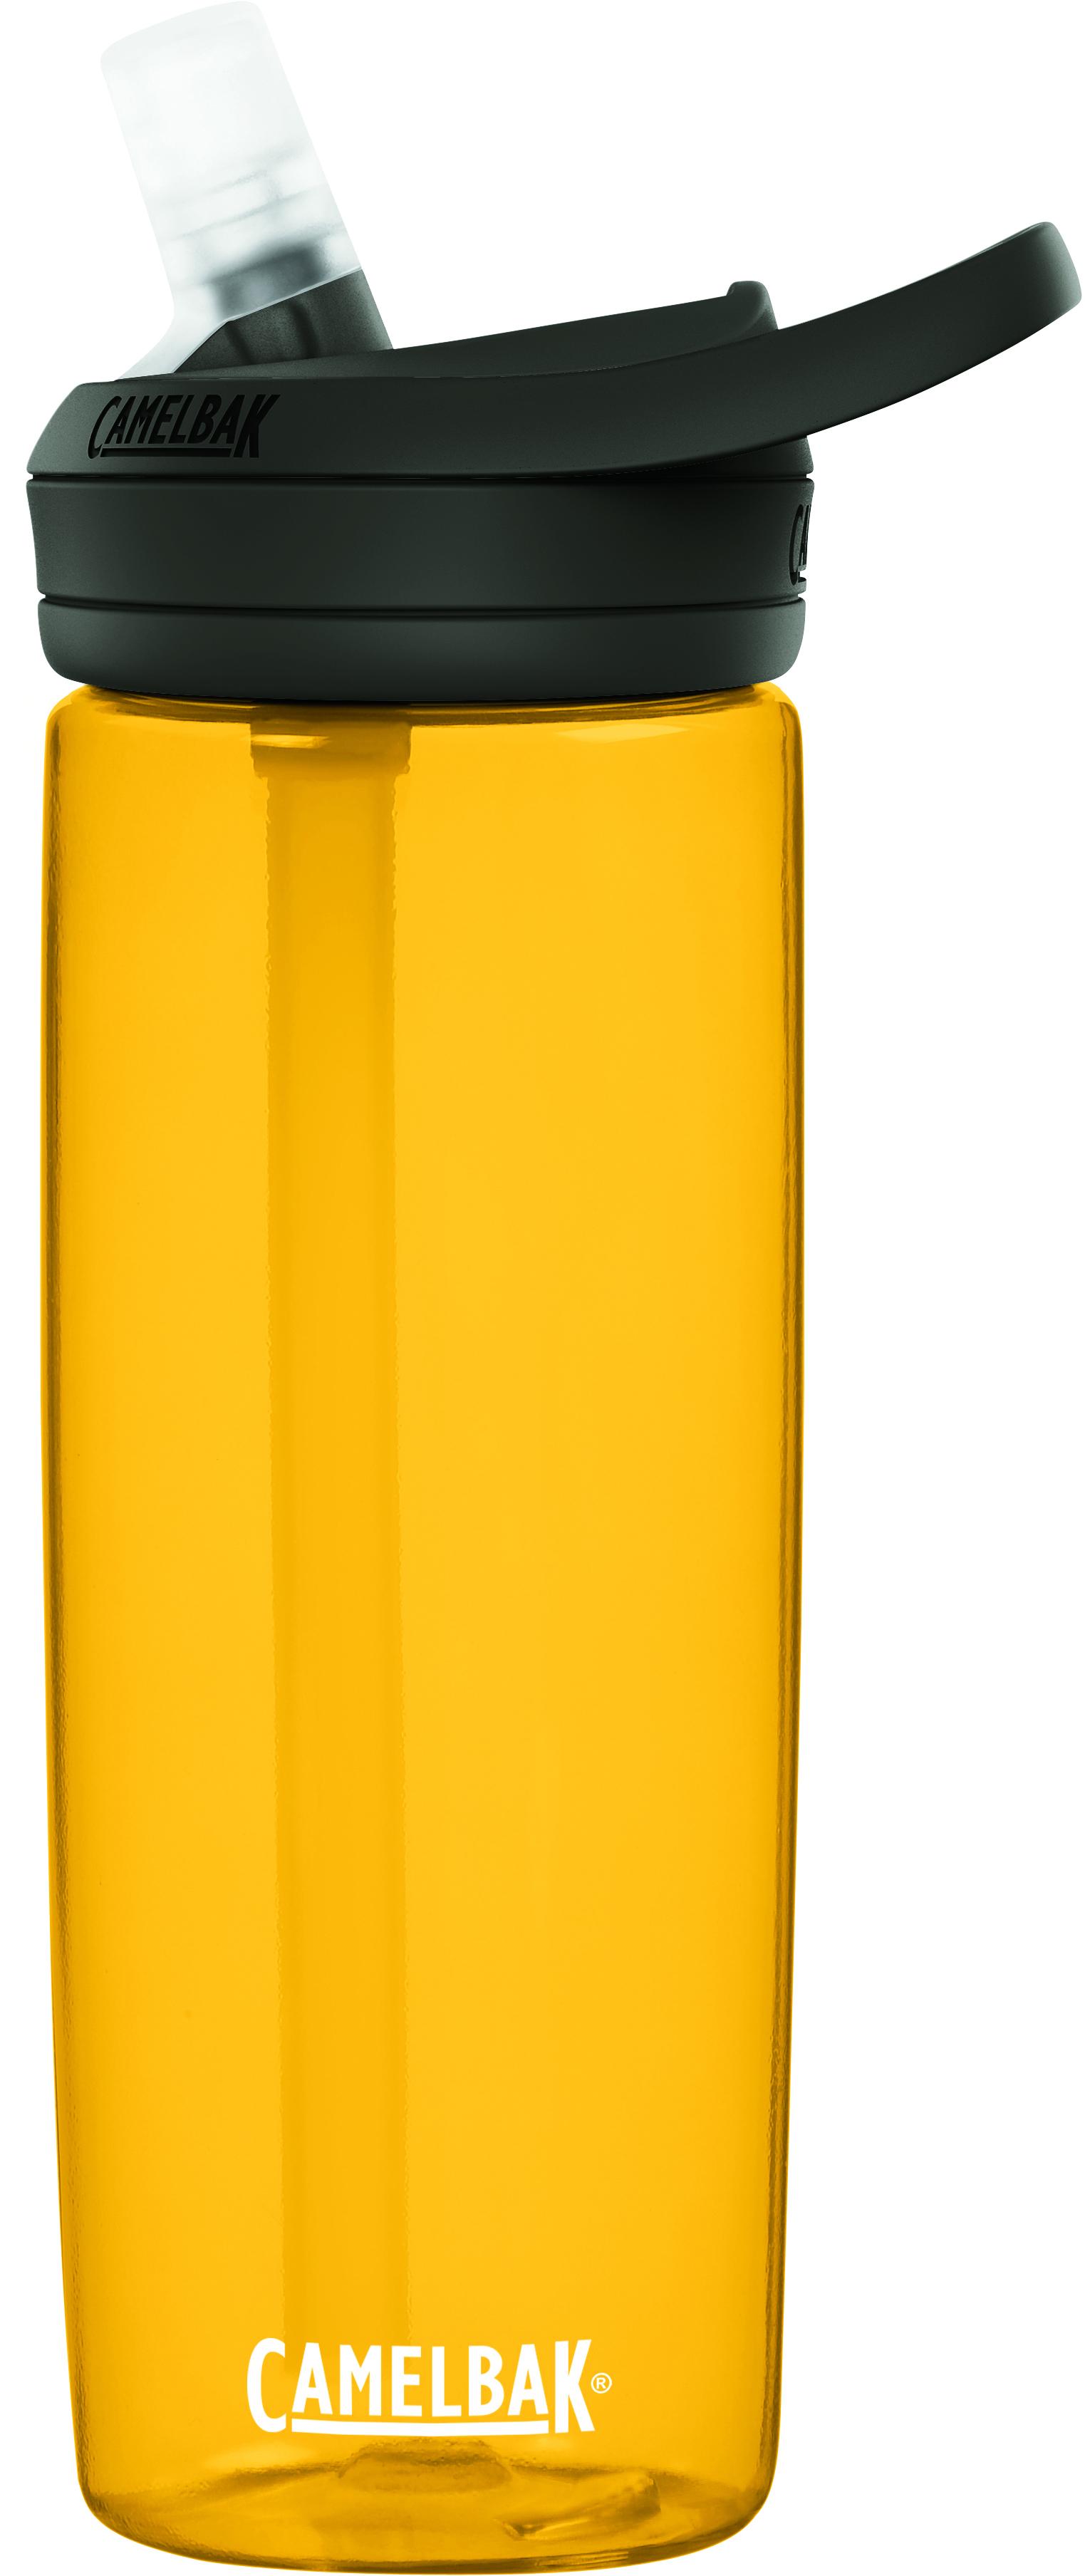 Camelbak EDDY 0,6L, pvc bidon, žuta